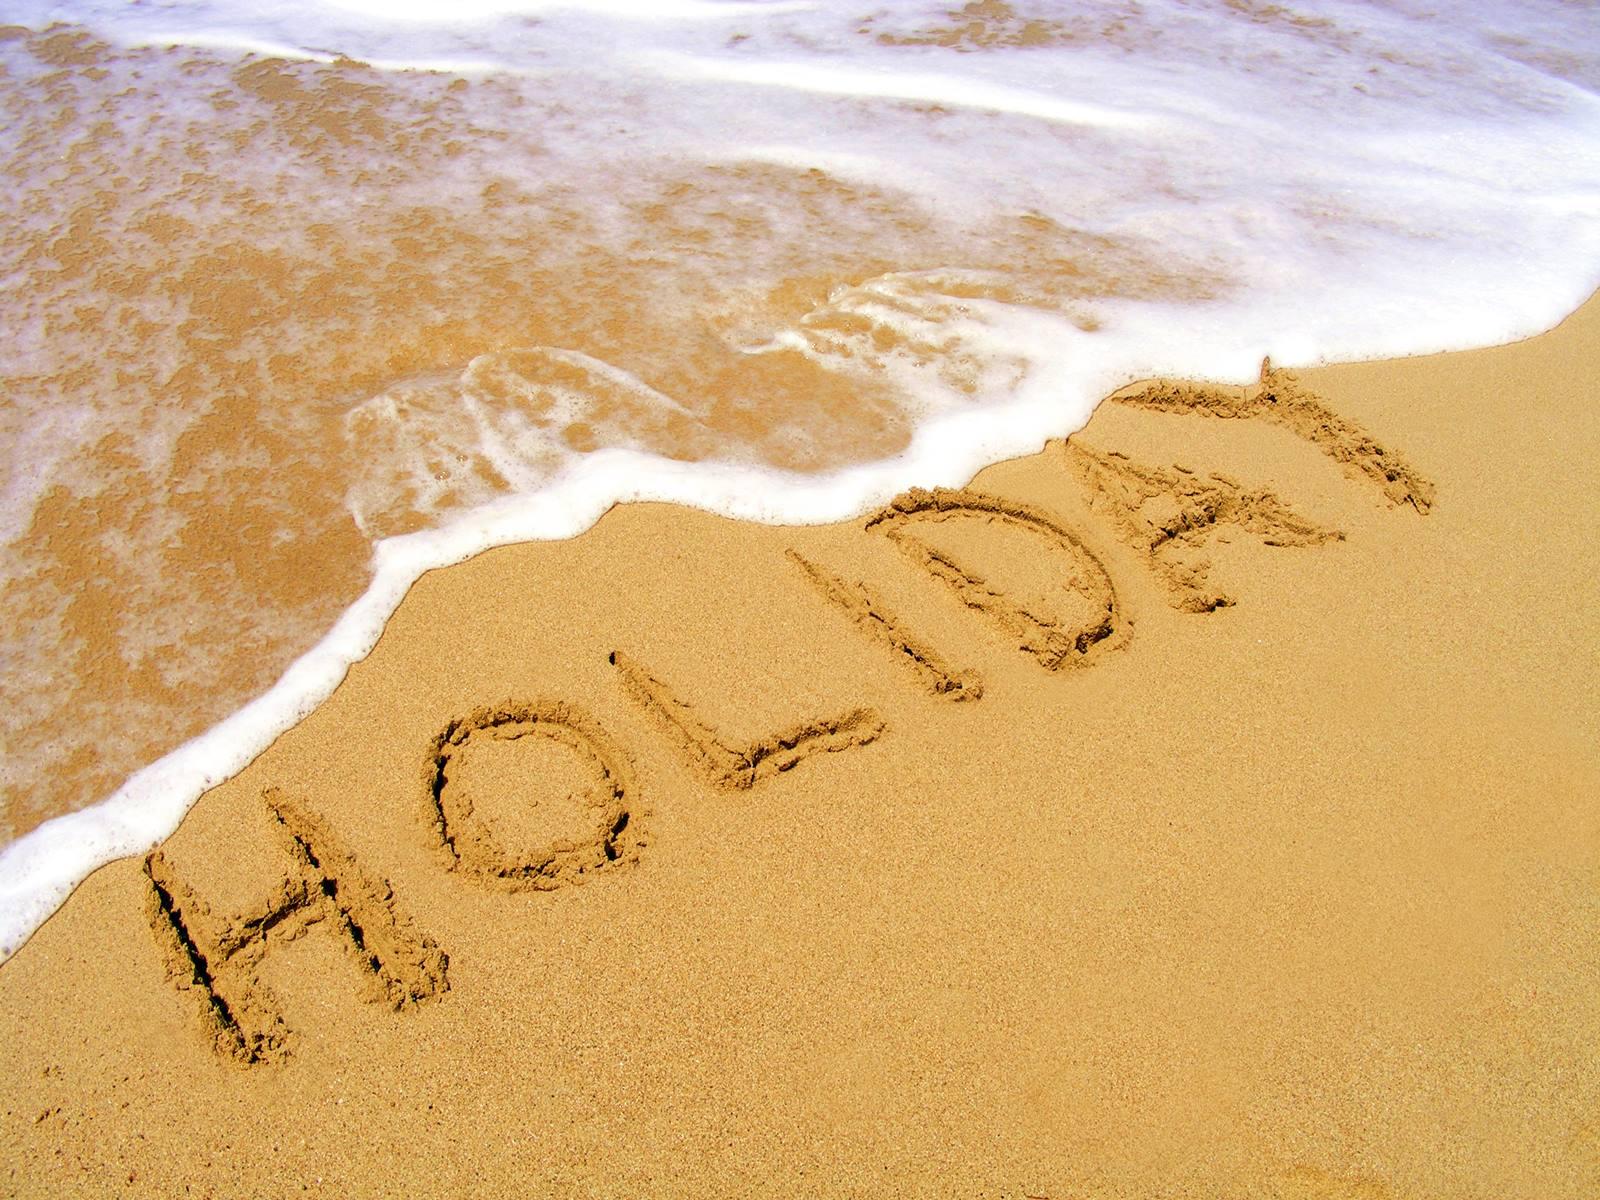 Persiapkan Liburan Tahun 2016 Dengan Baik, Ini Dia Jadwal Libur Nasional Dan Cuti Bersama 2016 Untukmu!